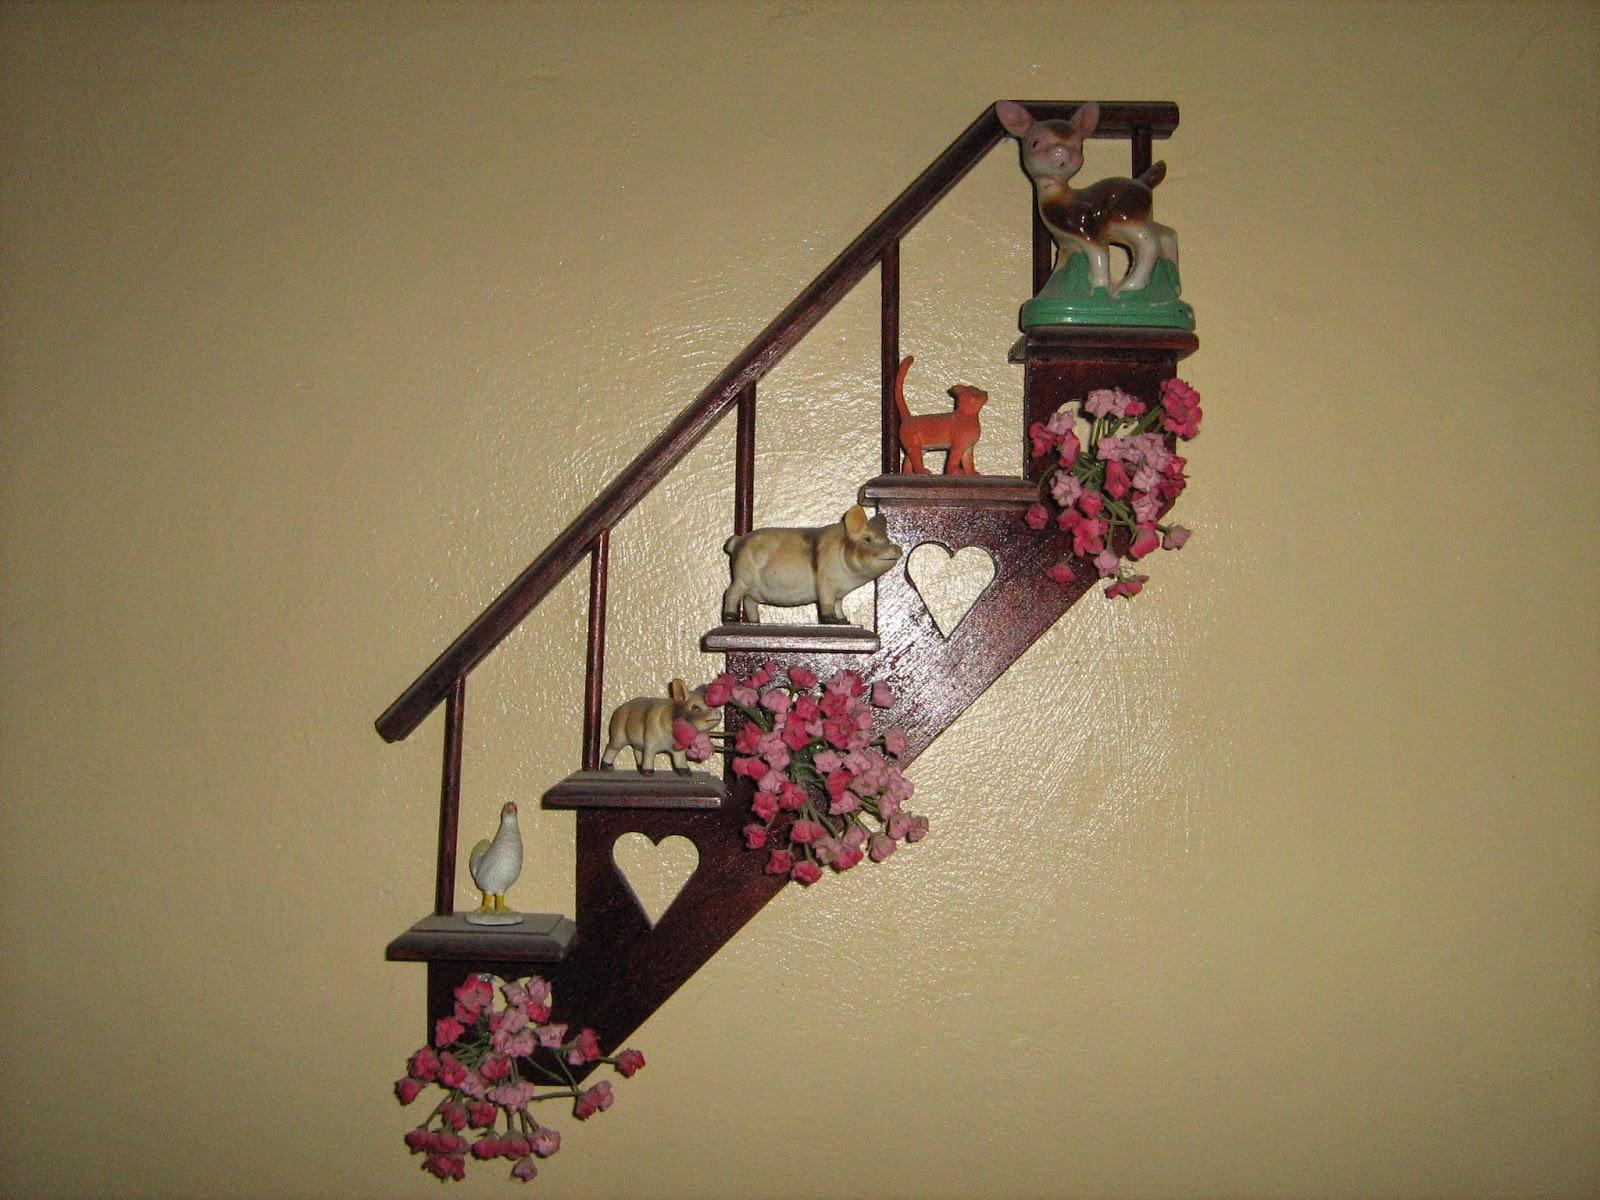 Productos de madera caribaea repisas decorativas modelo for Repisas para escaleras